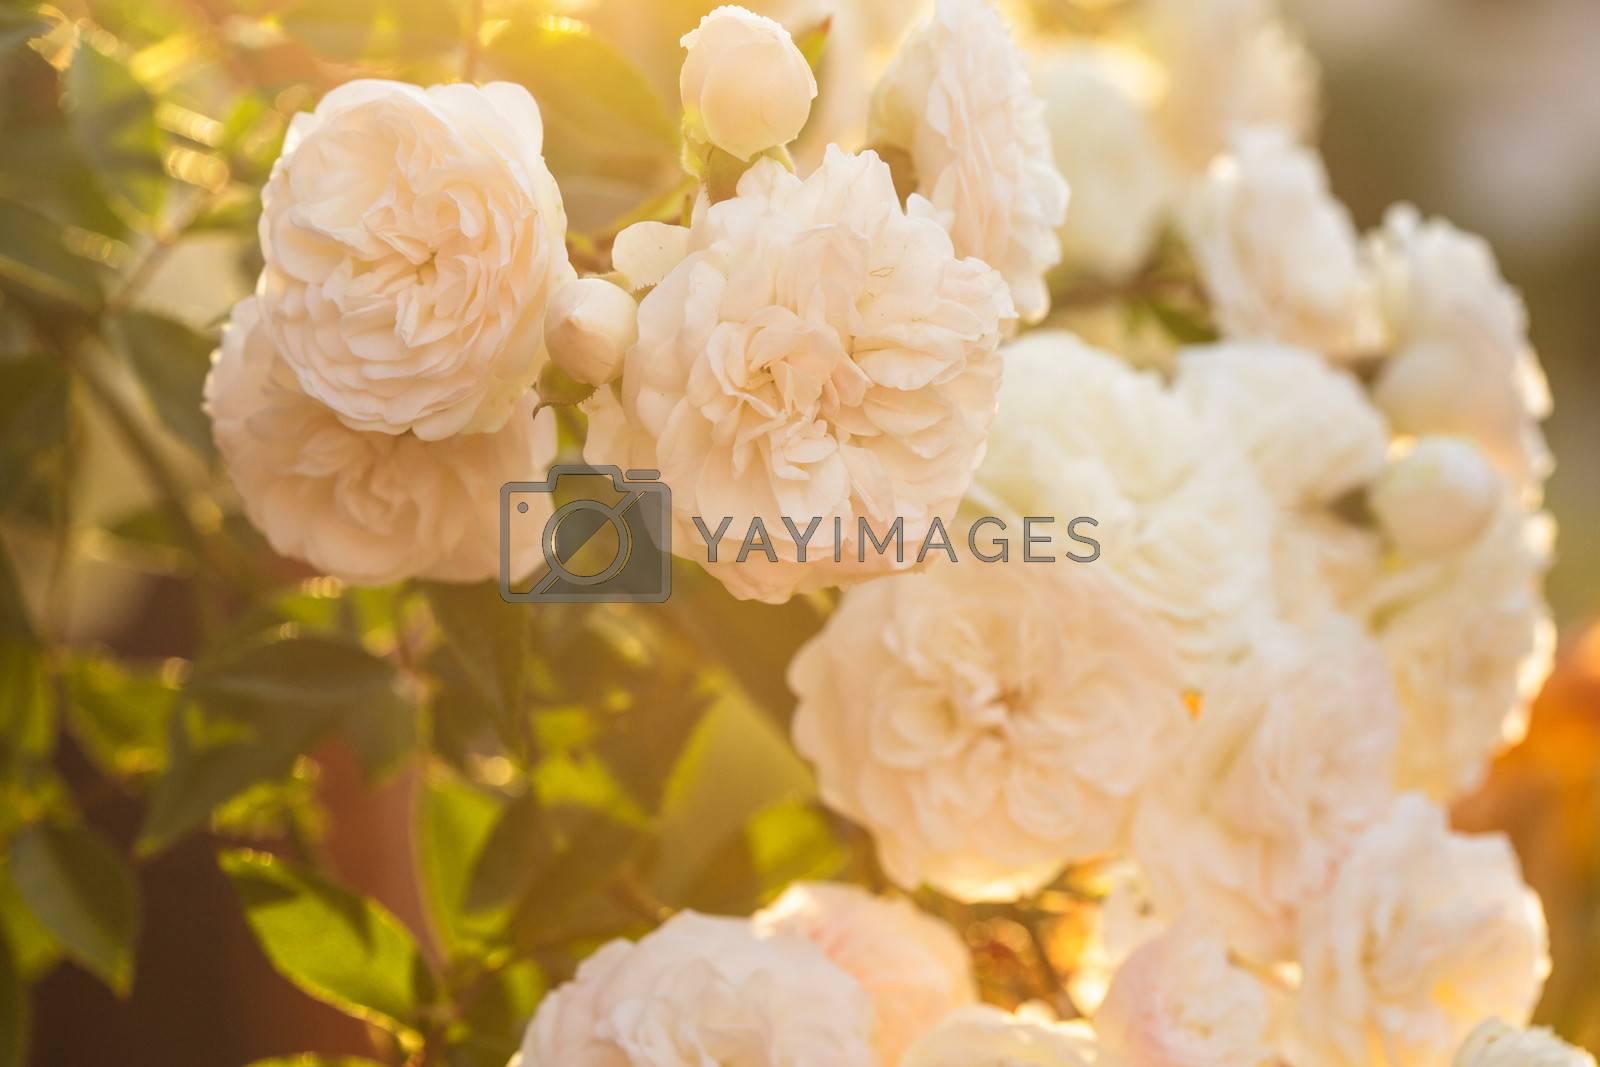 A bush of white roses in sunset backlight